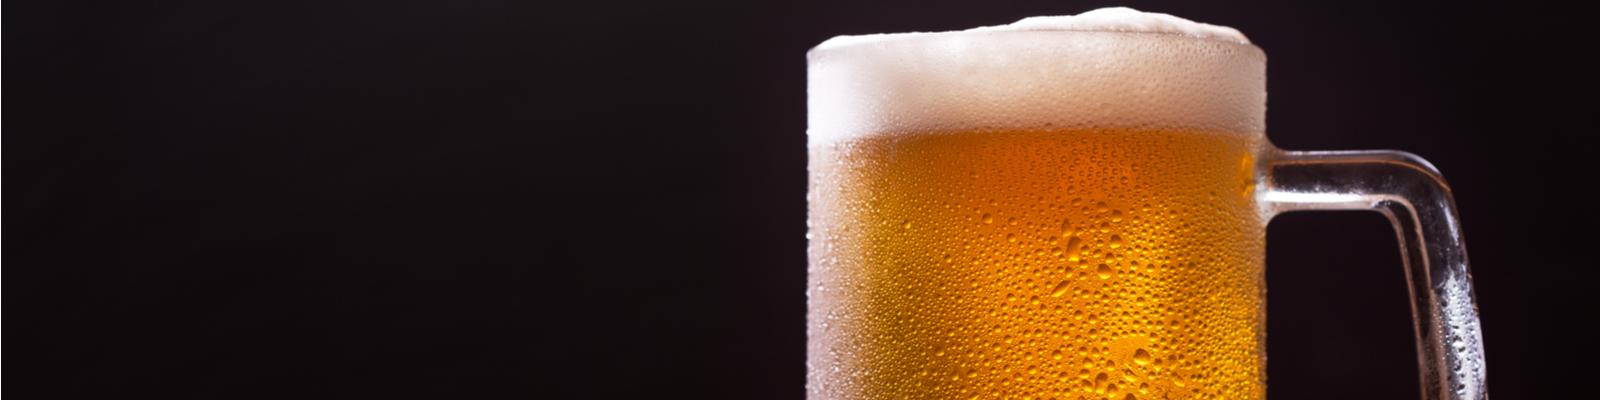 После пива похмелье: как избавиться и не болеть